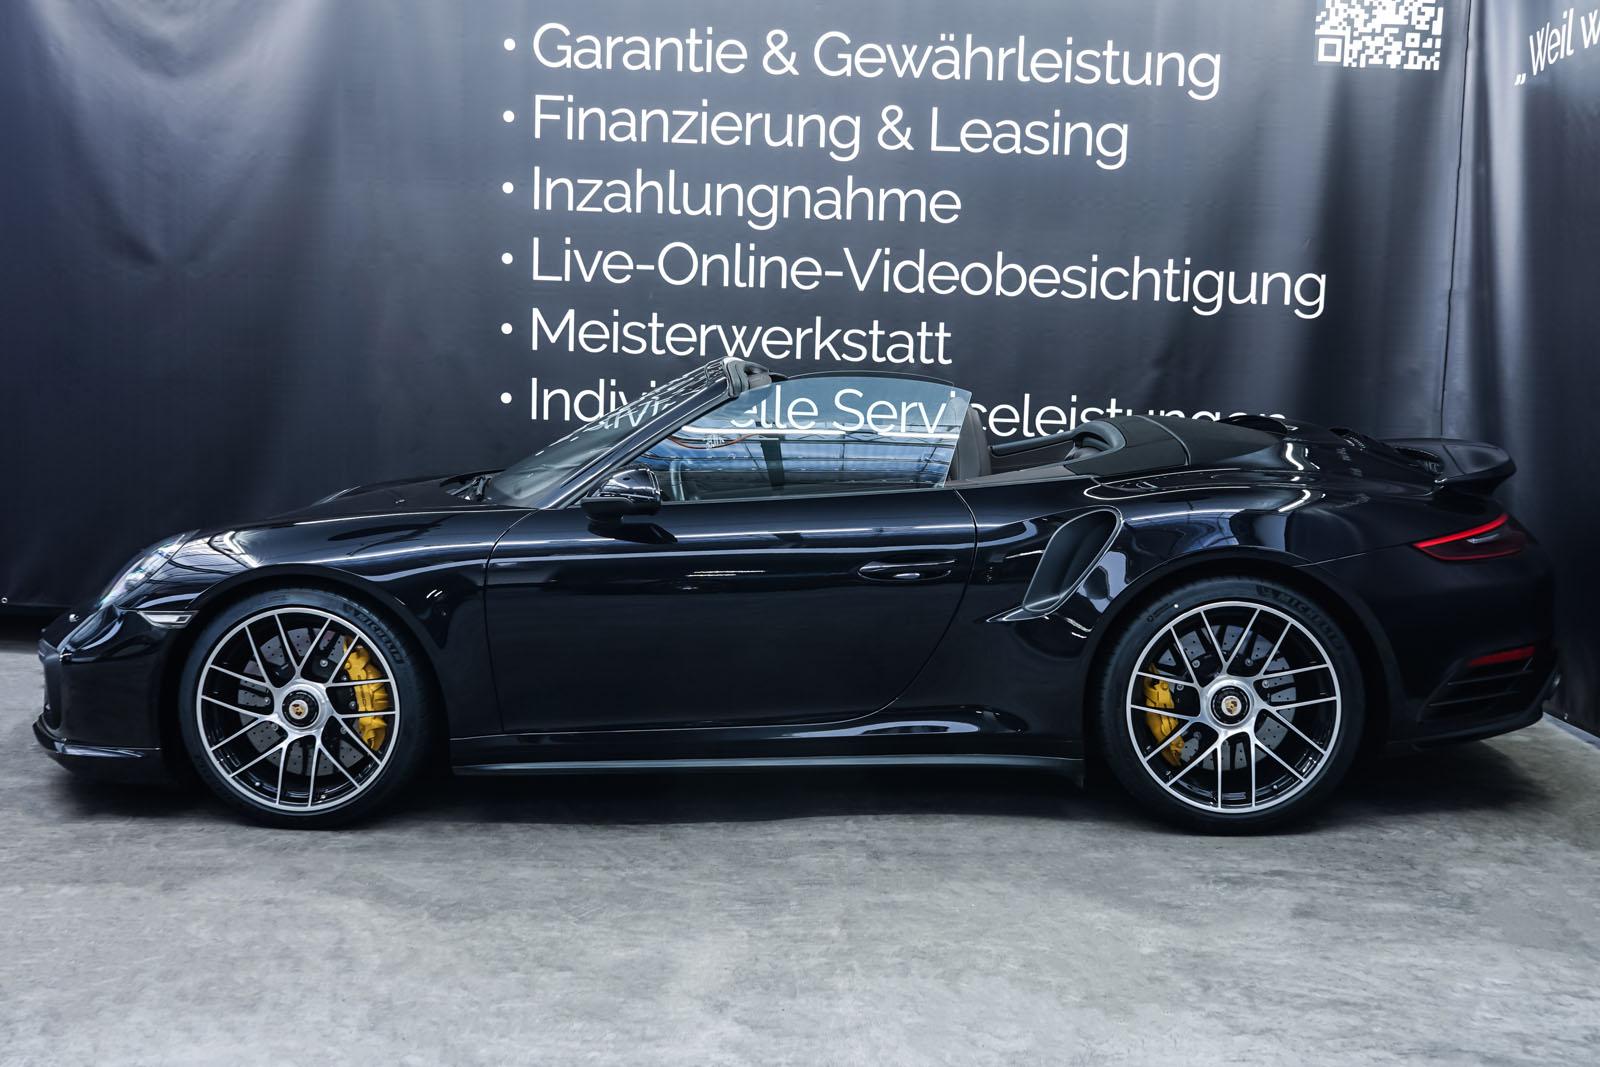 Porsche_991_TurboS_Cabrio_Schwarz_Braun_POR-9733_6_w